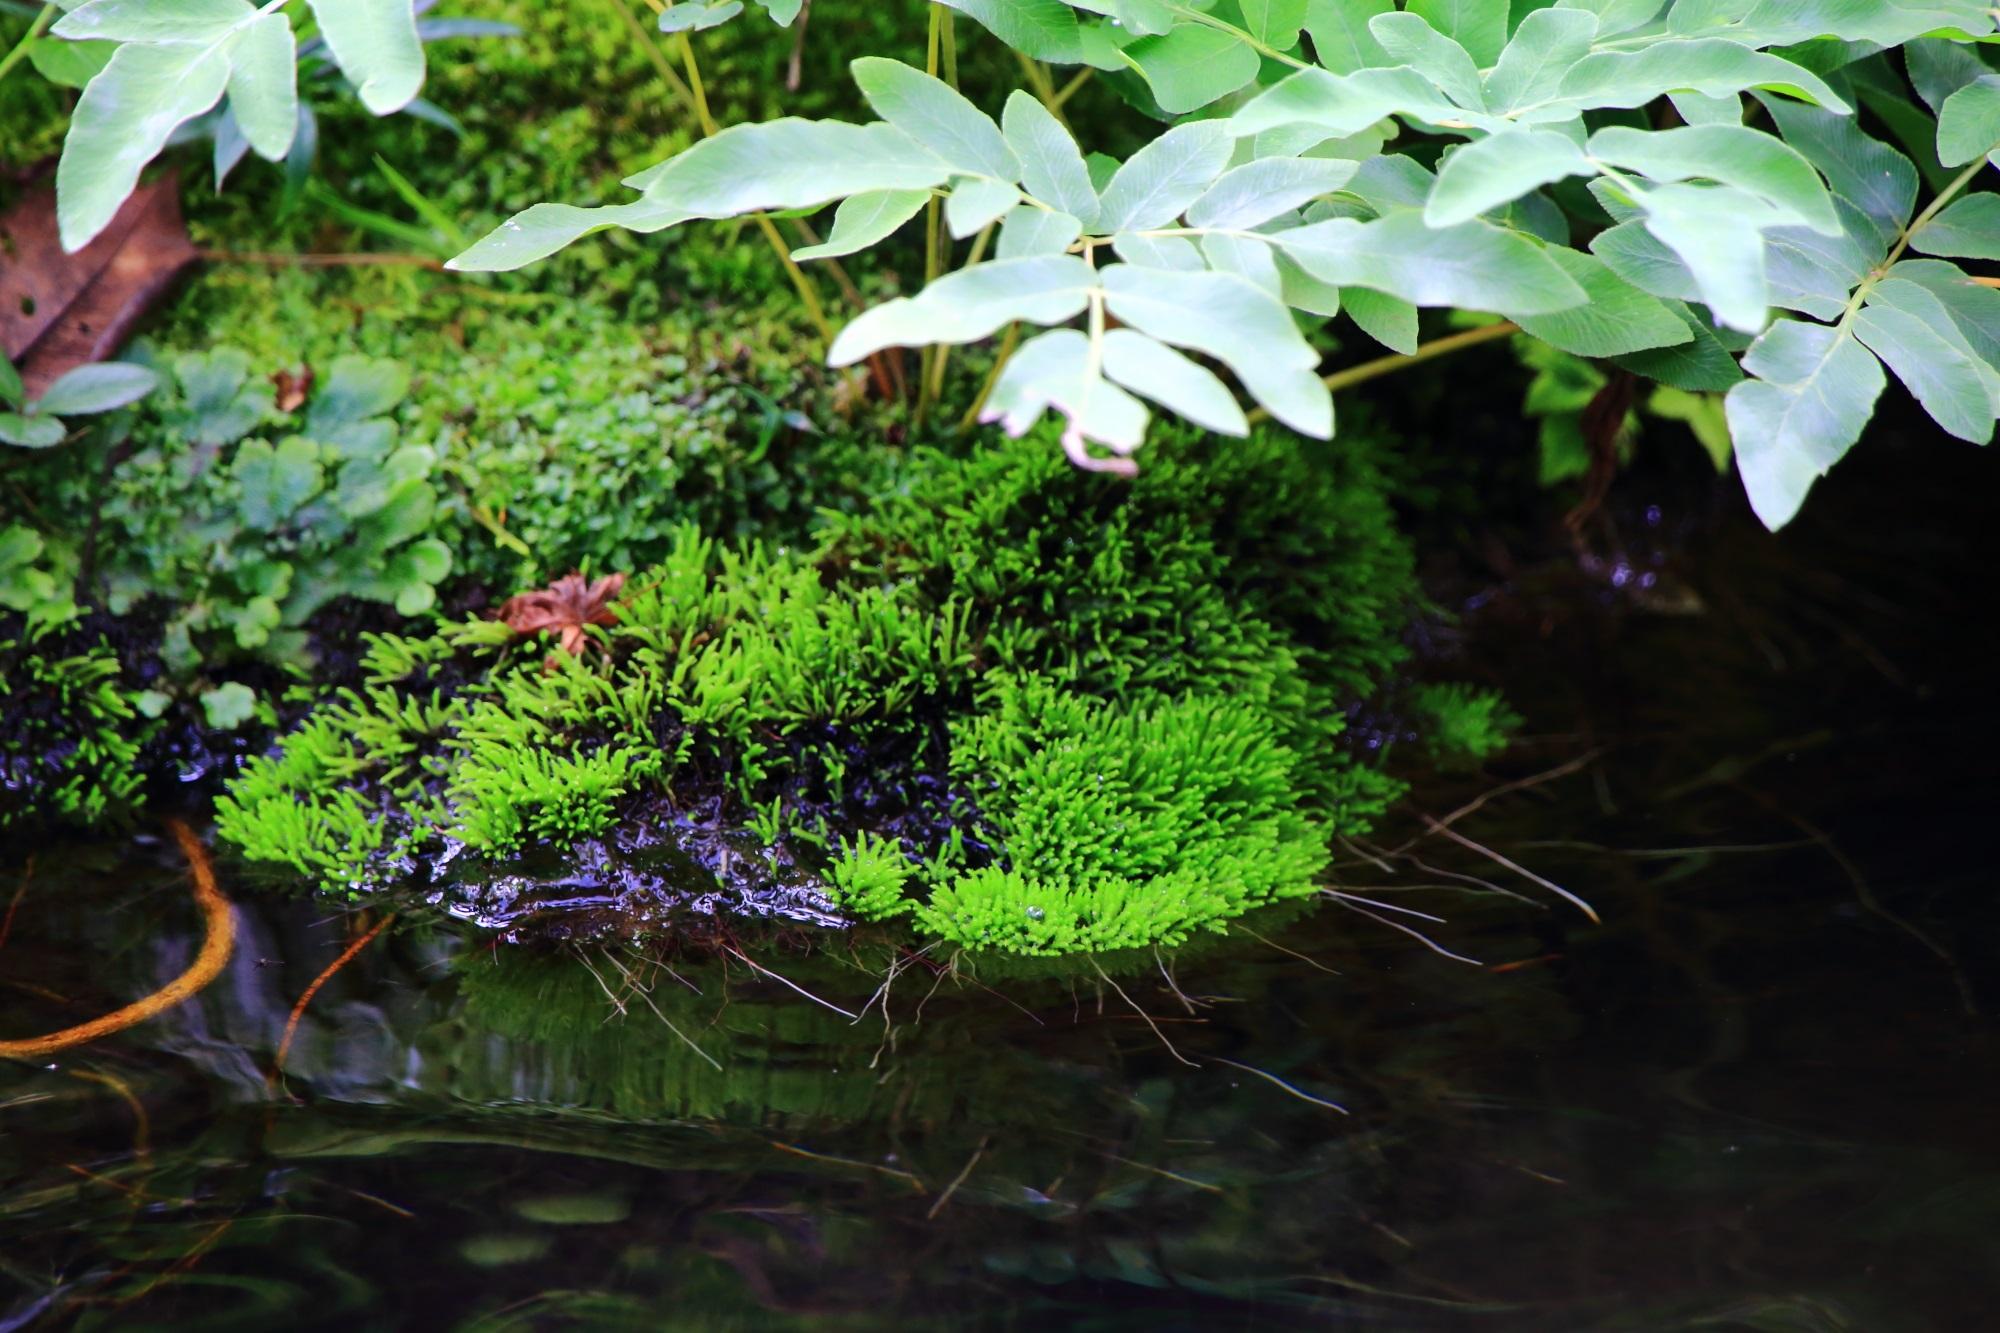 南禅寺大寧軒の池と苔 9月10日